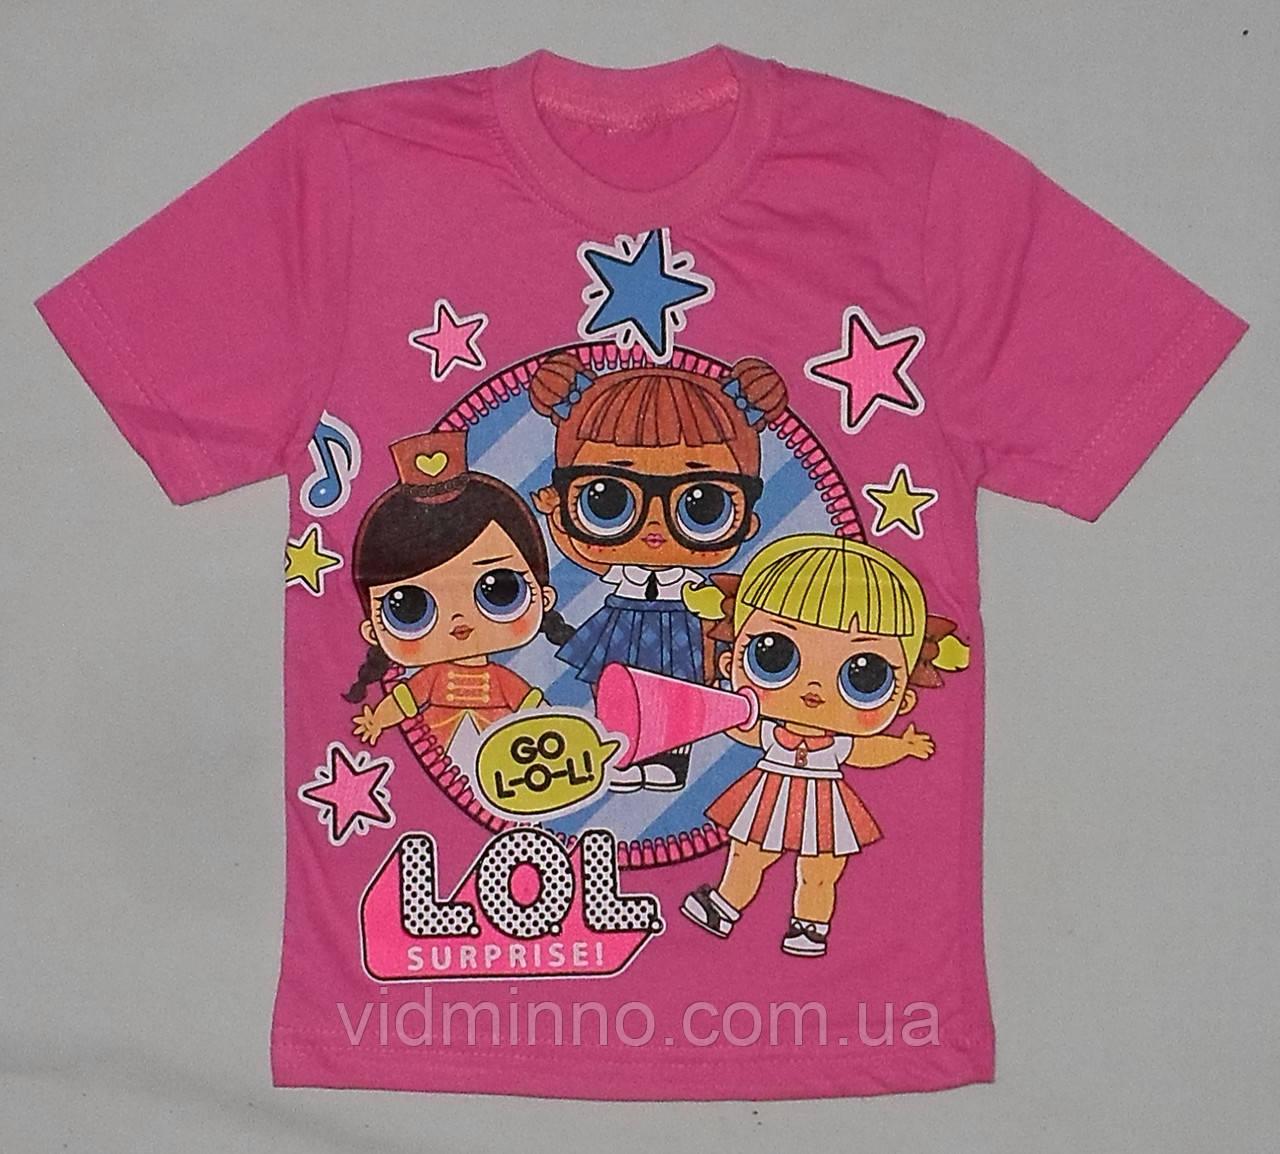 Детская футболка Лол на рост 98-104 см